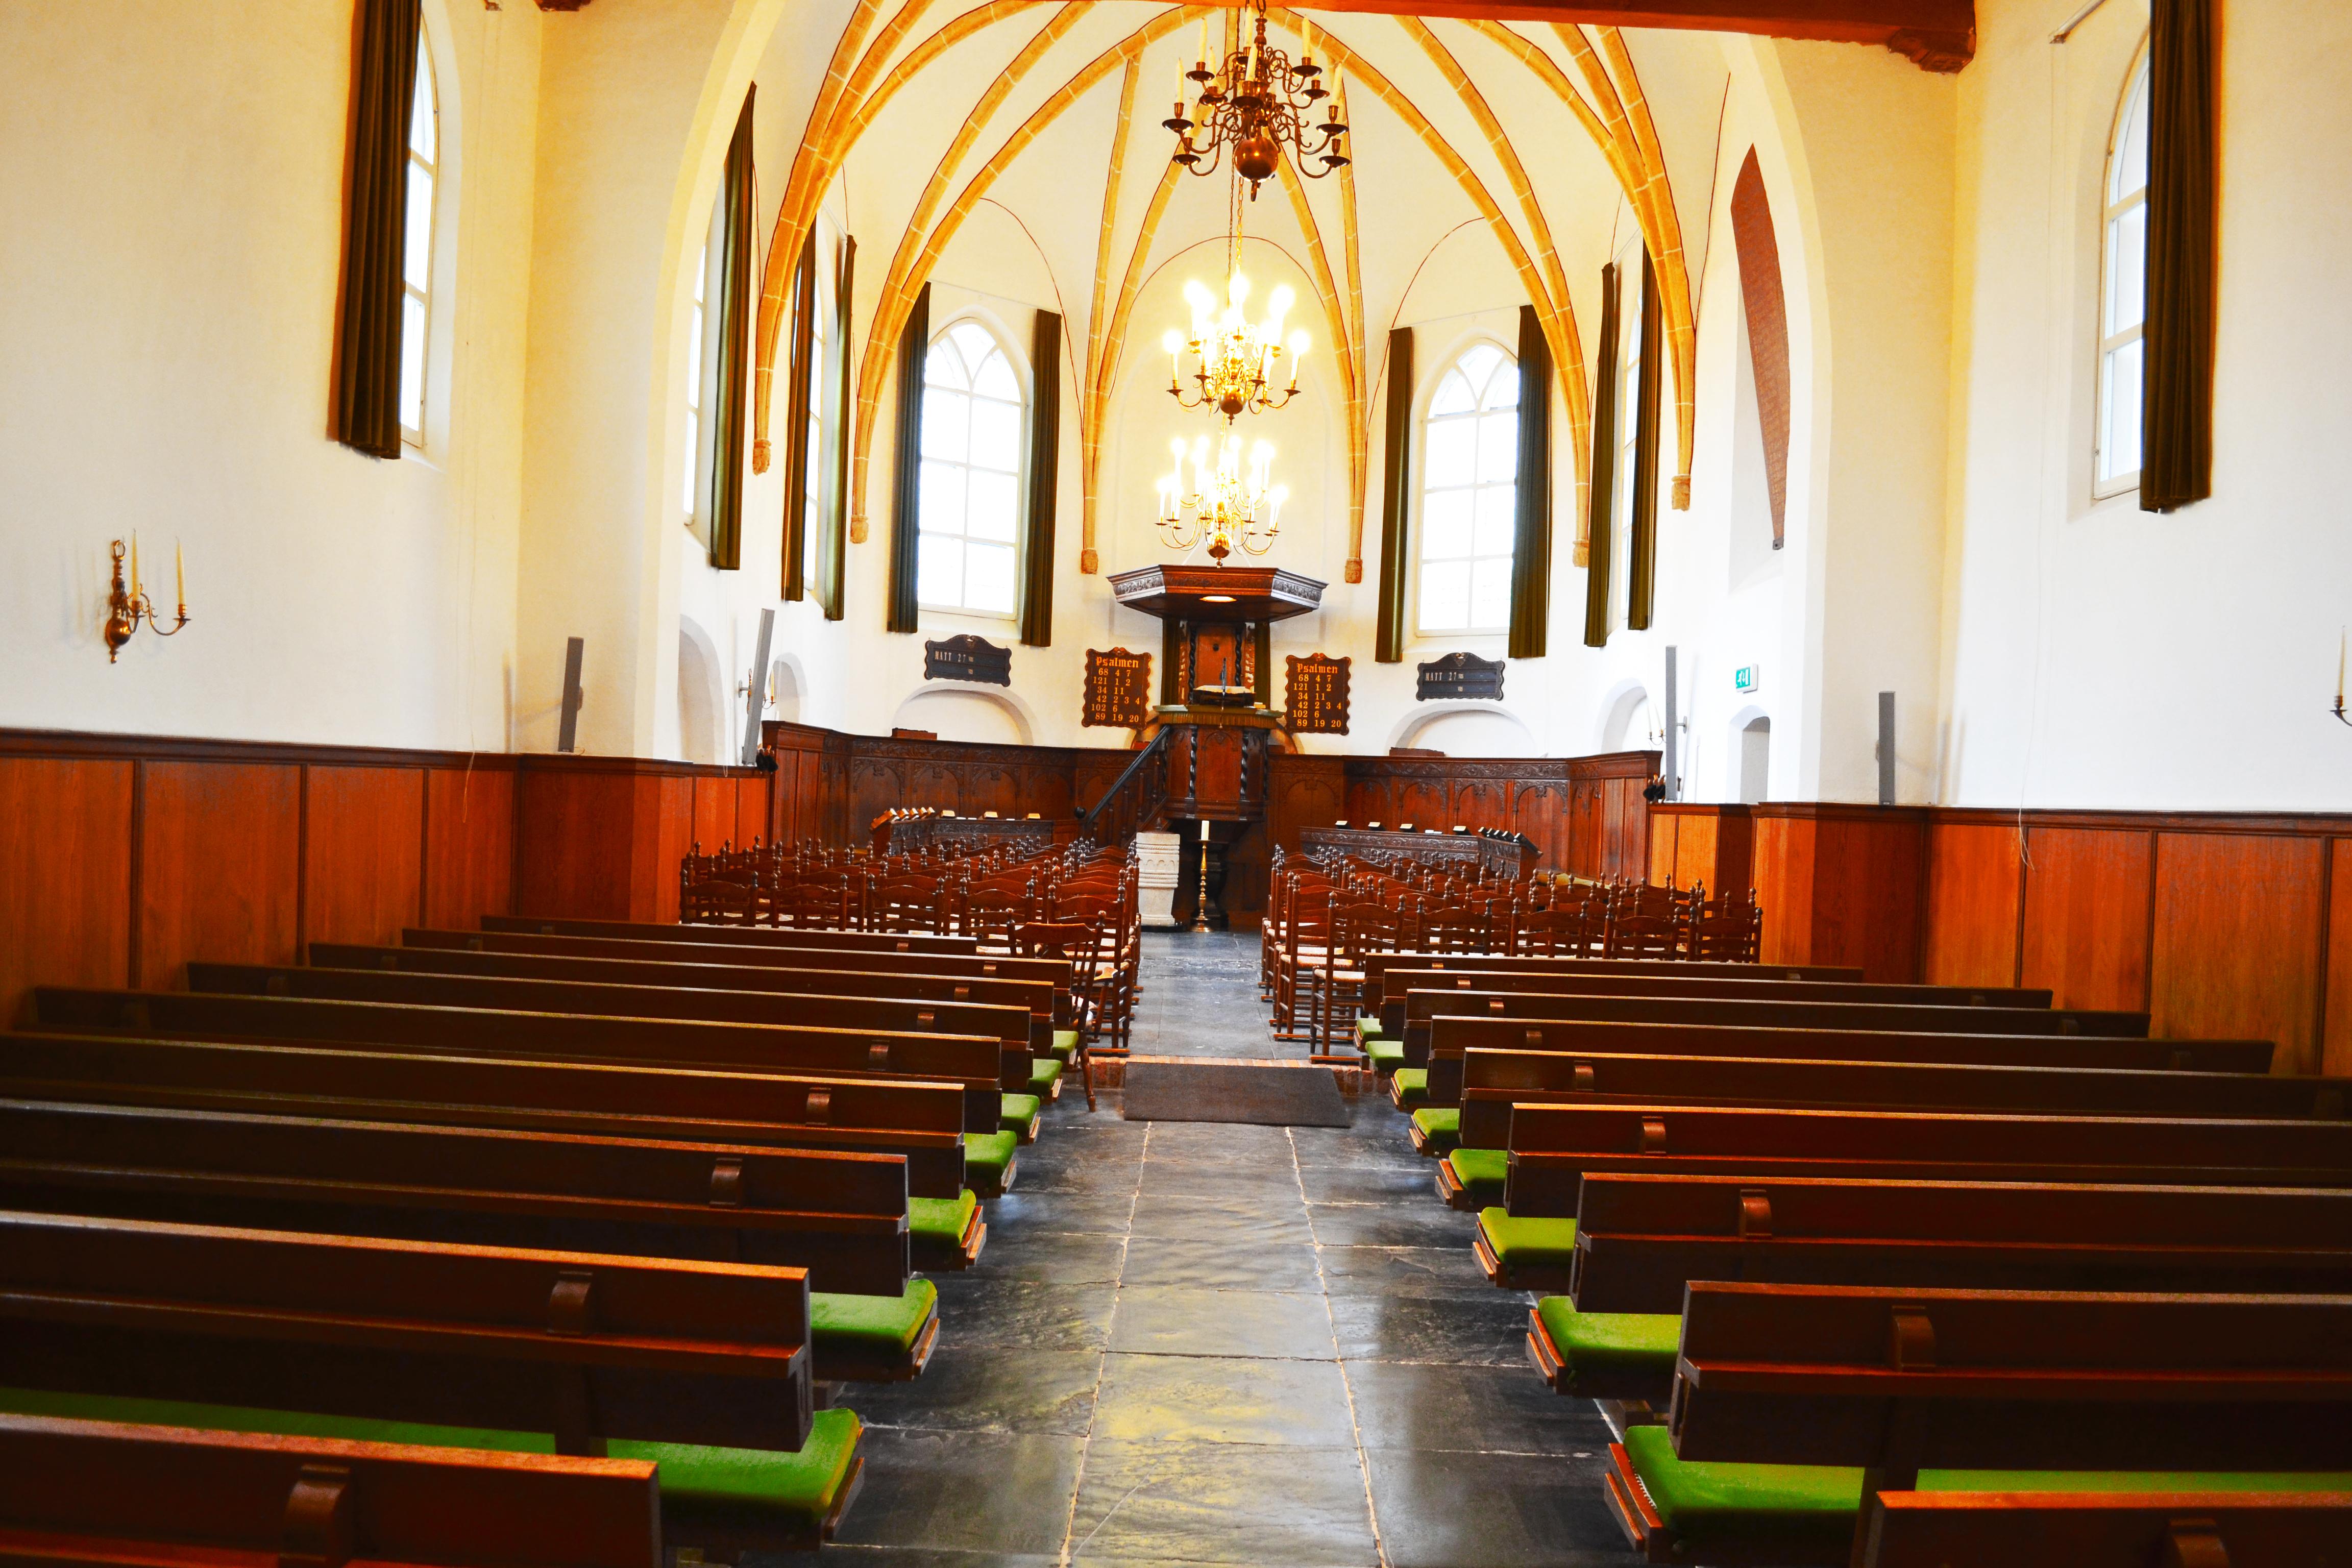 De kerk binnen